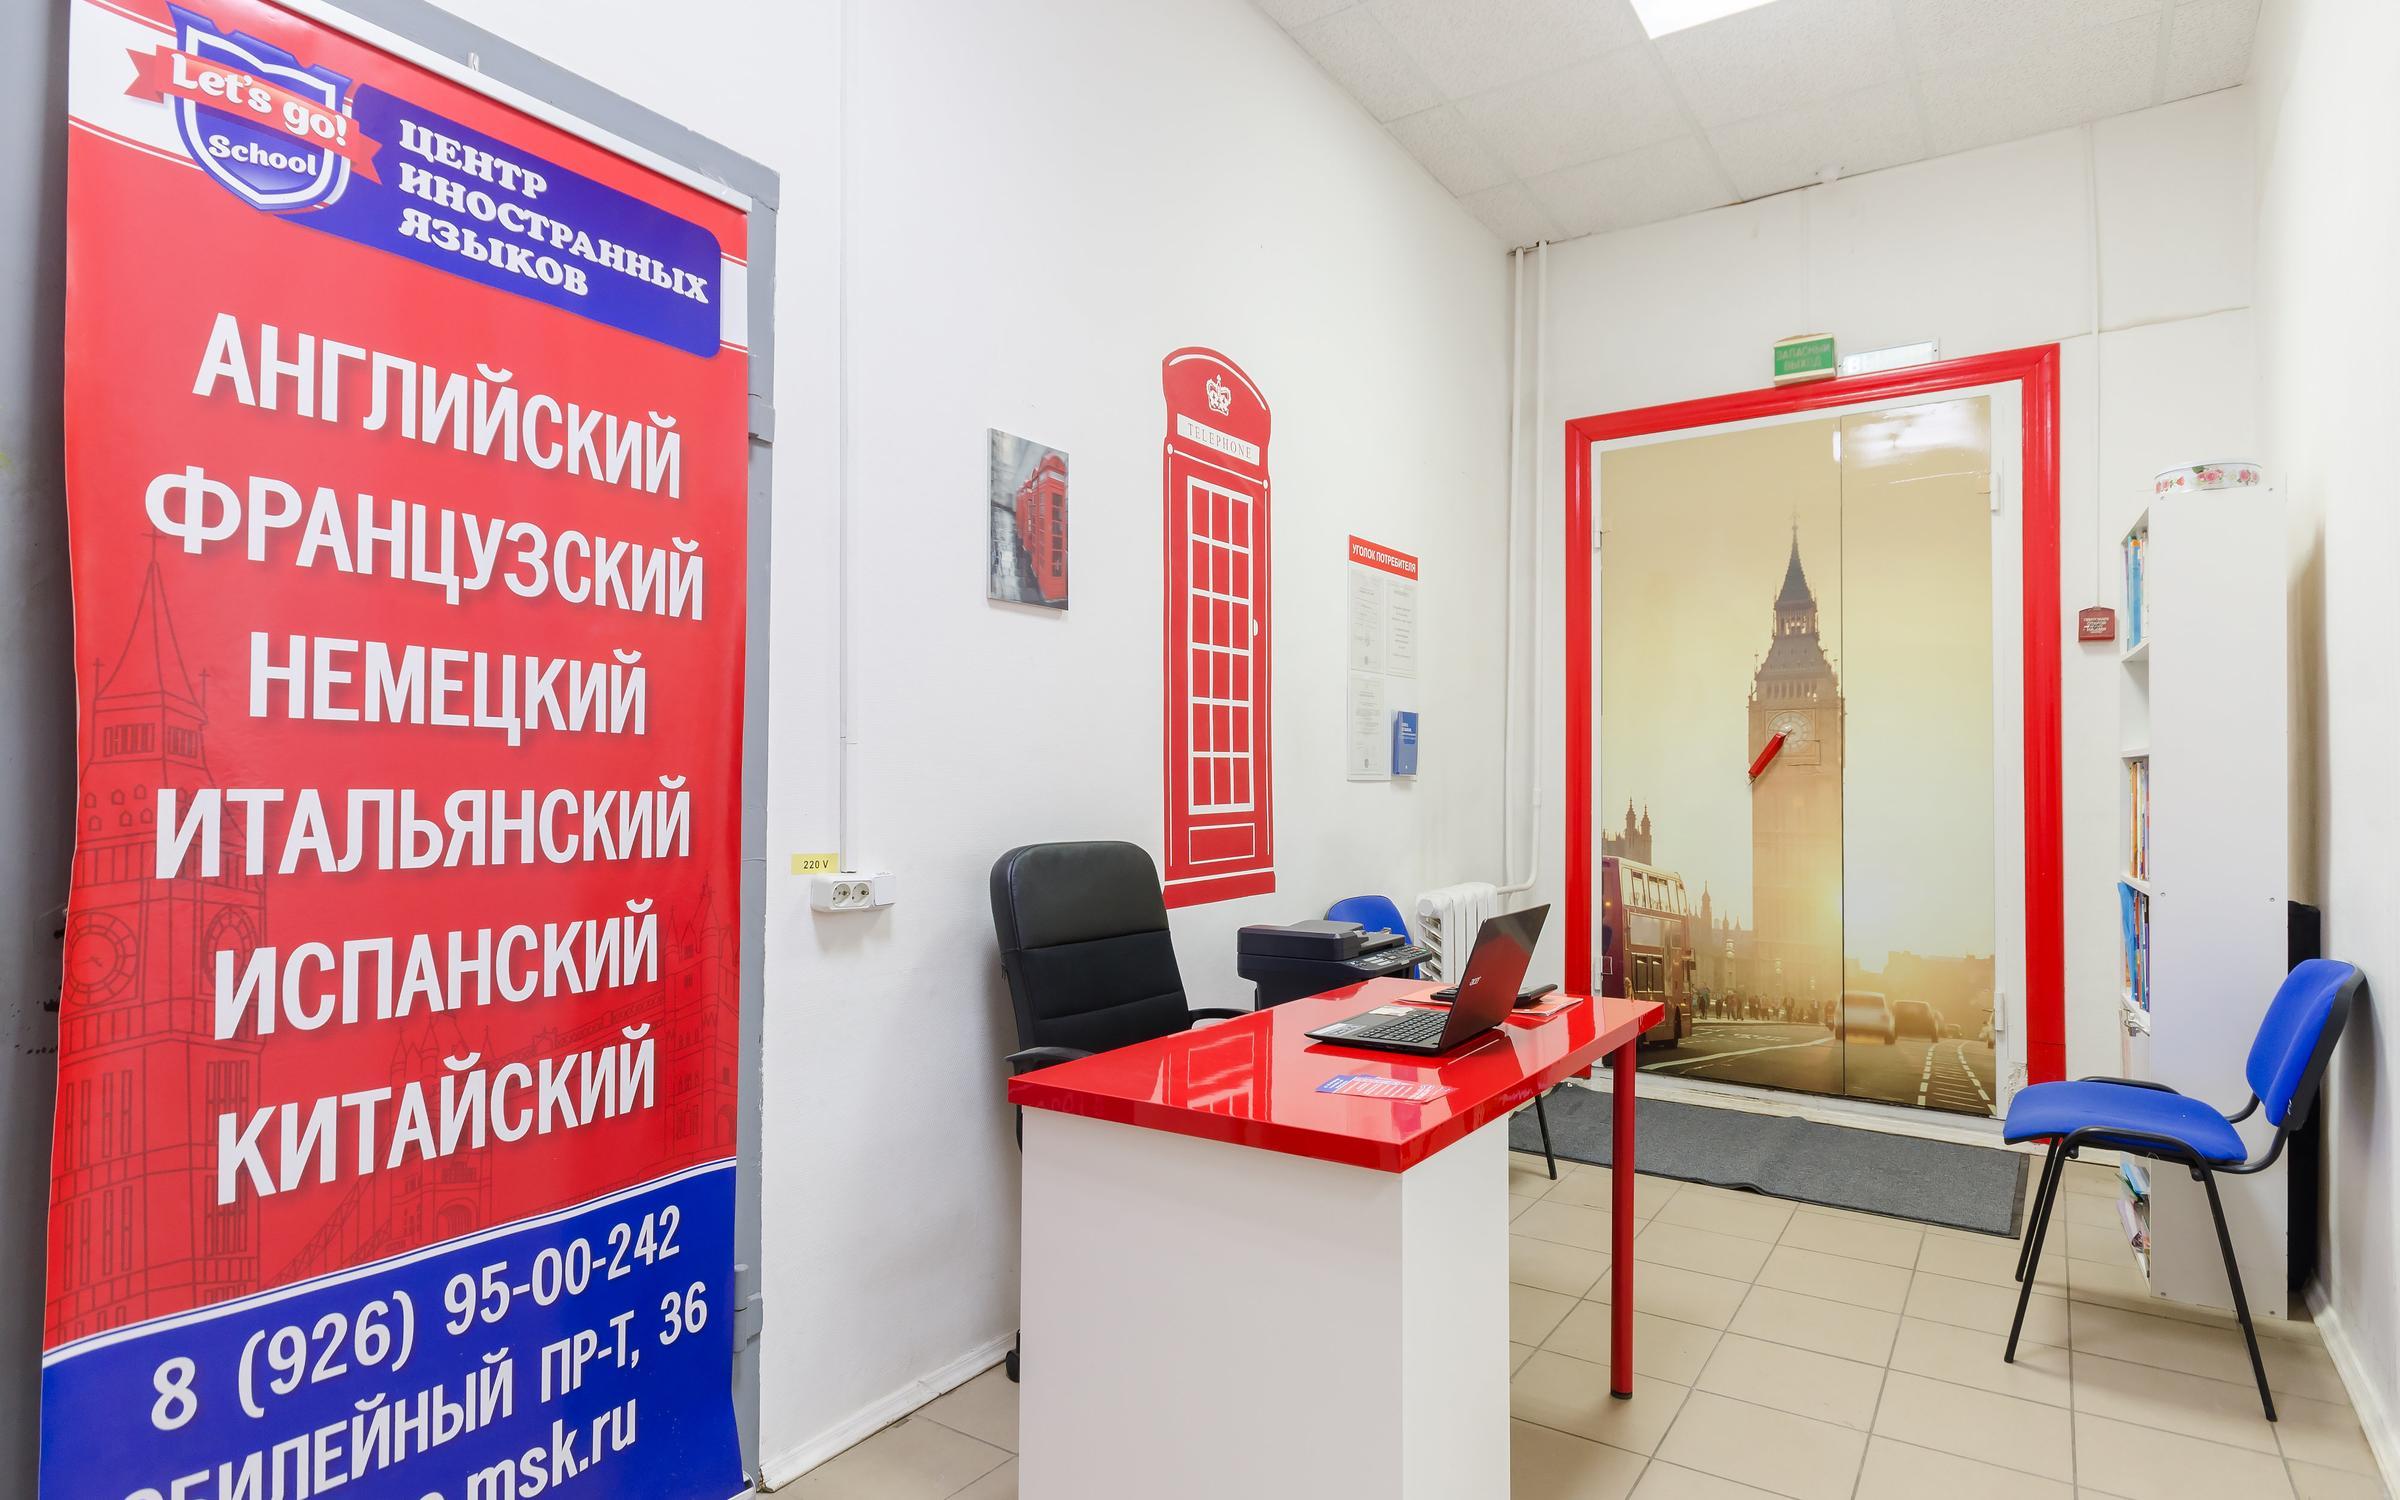 фотография Центра иностранных языков Let's go! на Юбилейном проспекте, 36 в Реутове